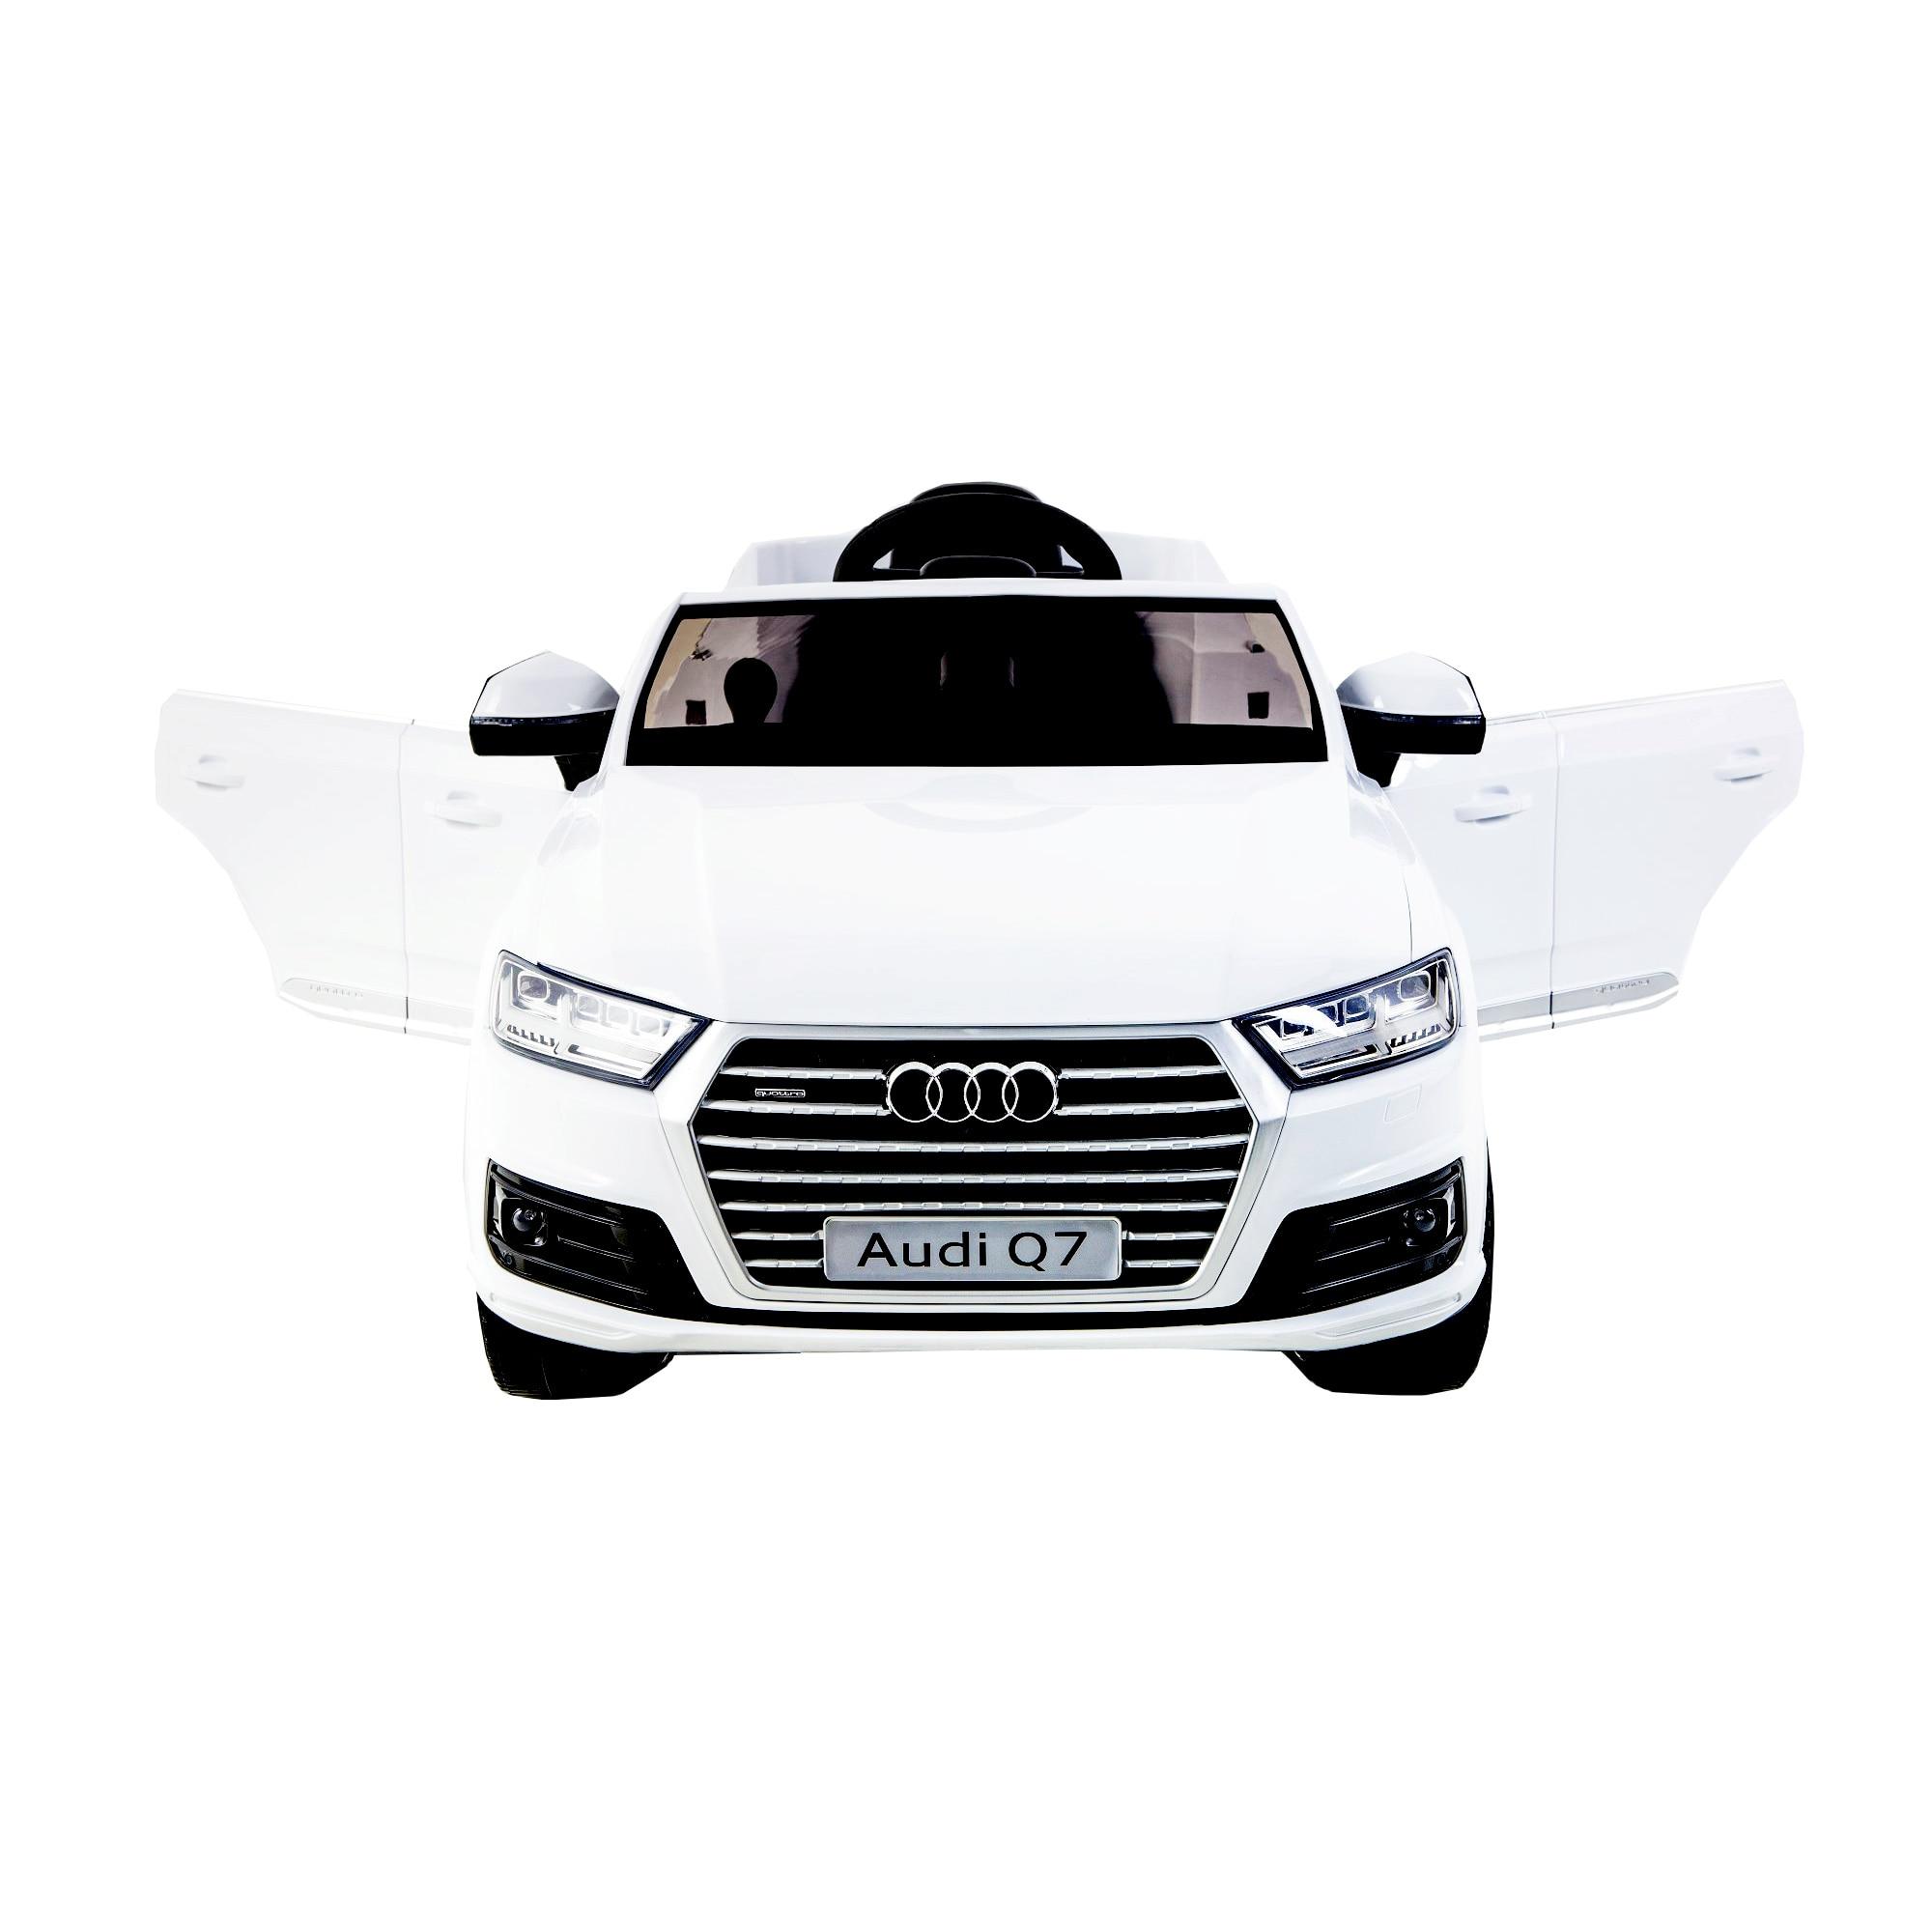 Fotografie Masinuta electrica cu telecomanda pentru copii, Mappy, Audi Q7, Alb